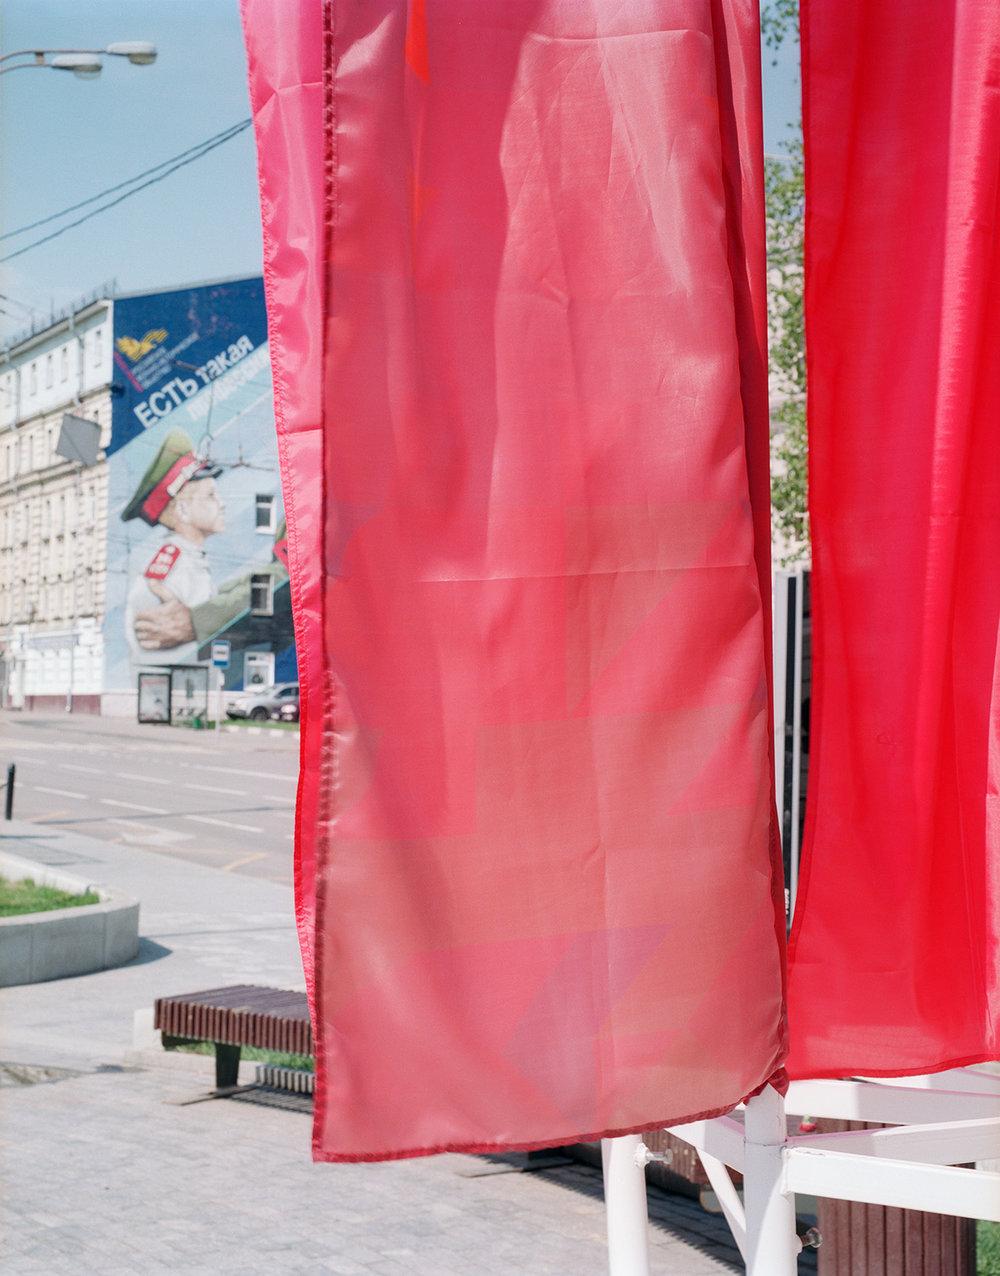 04_ANDREW_MIKSYS_Adidas_Gosha_Rubchinskiy.jpg